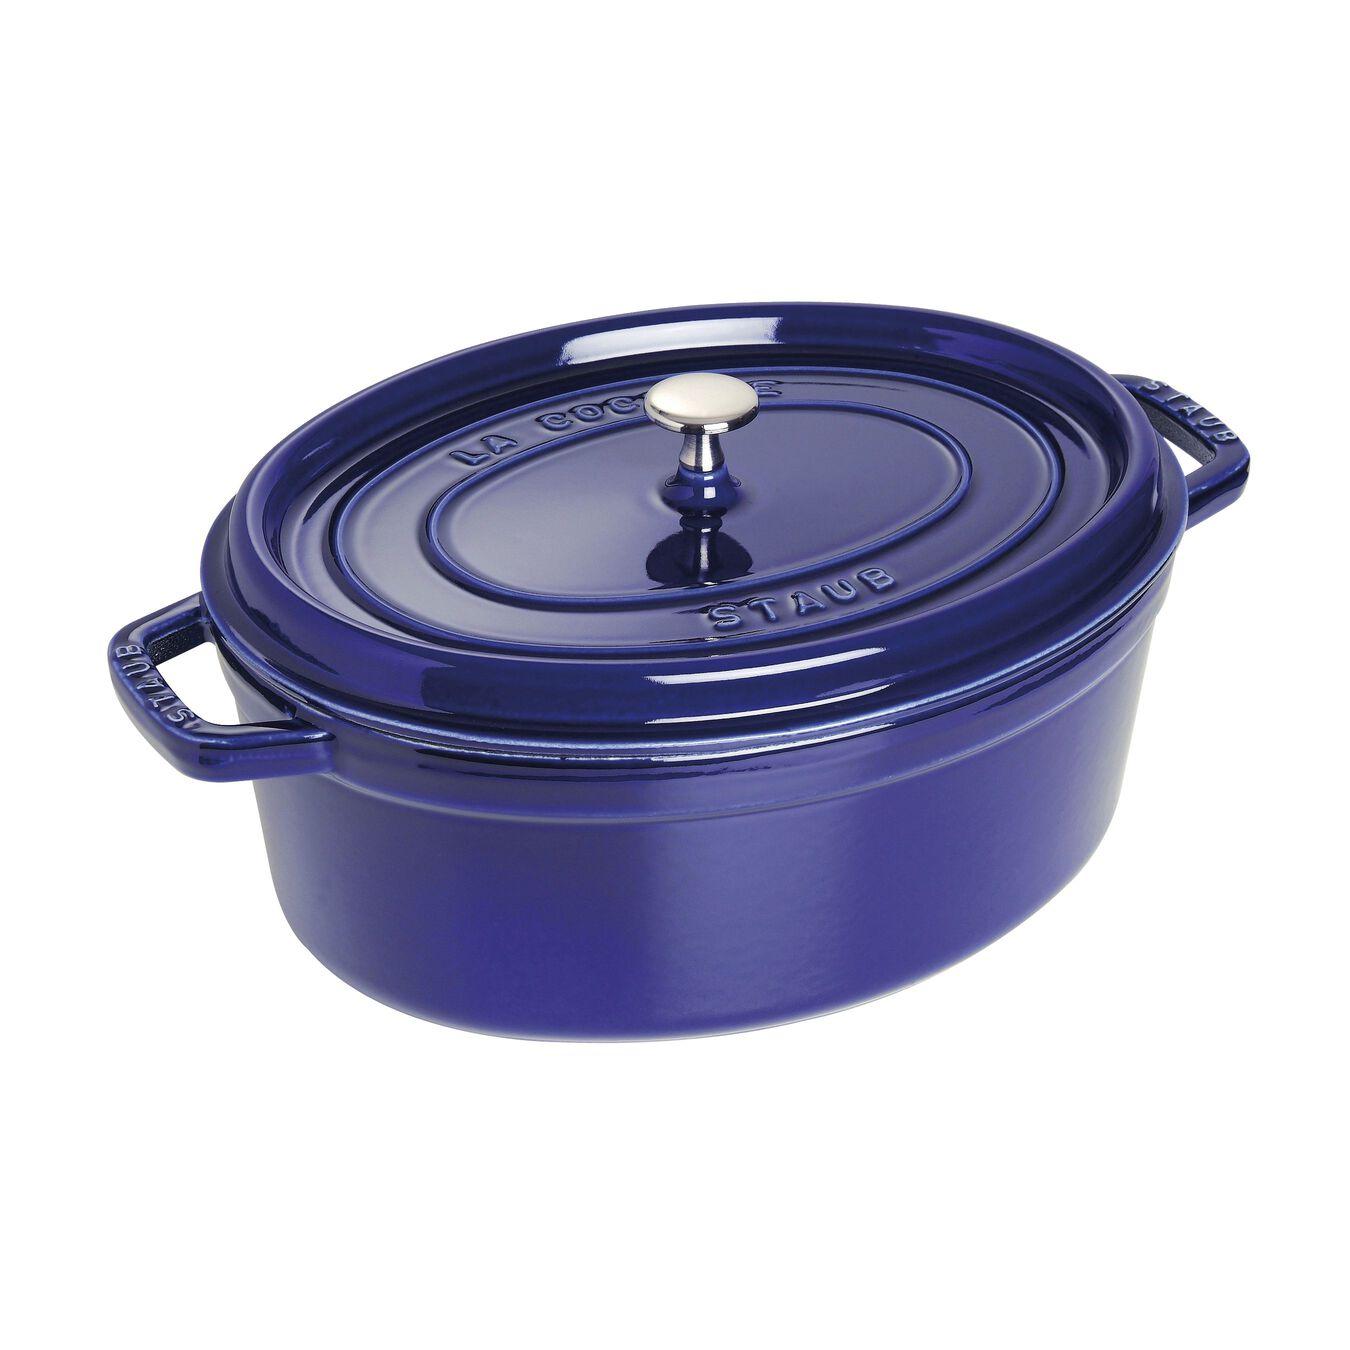 5.5 l oval Cocotte, dark-blue,,large 1